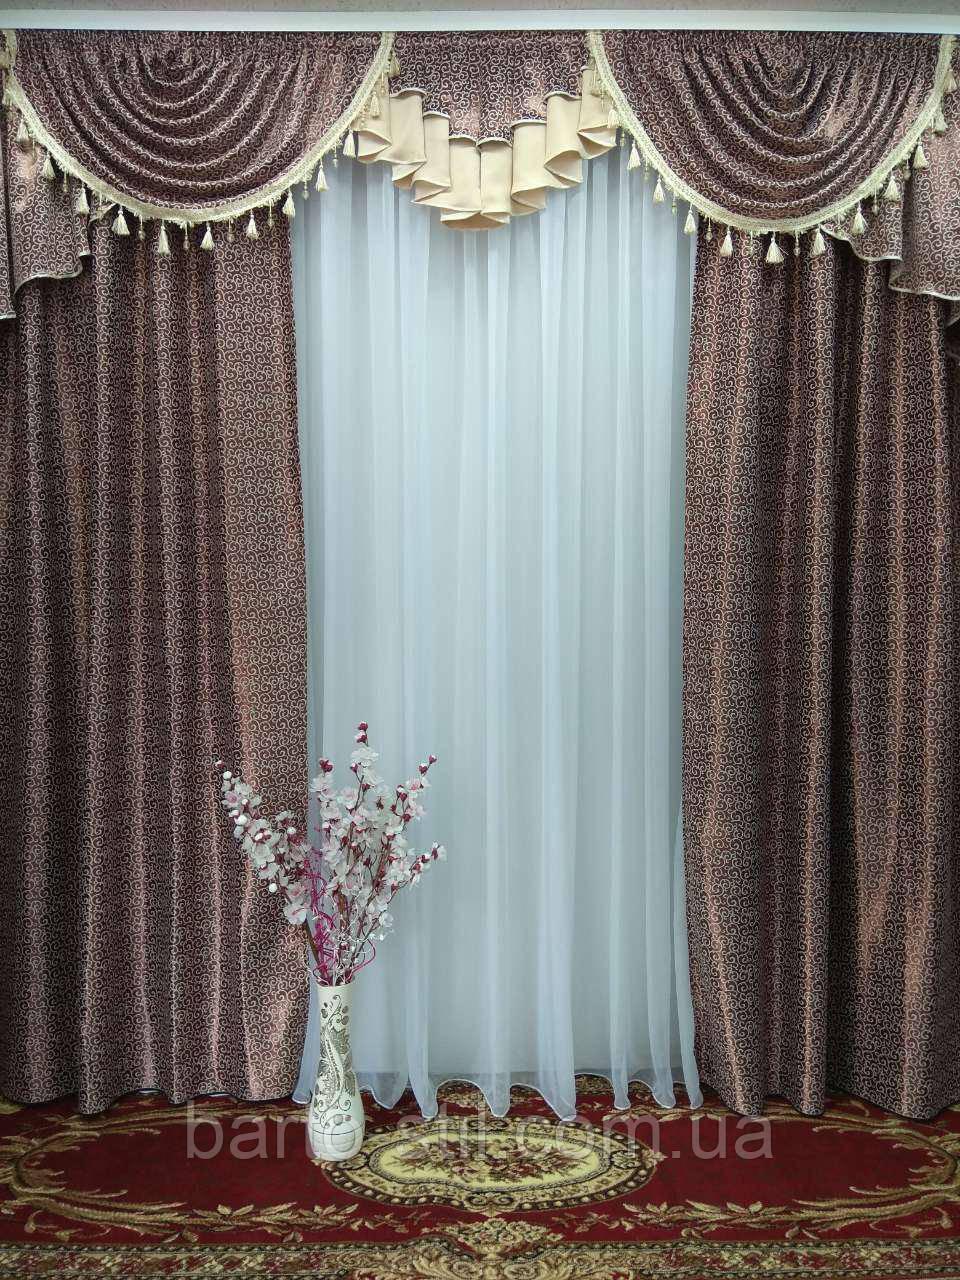 Готовый комплект: шторы с ламбрекеном для гостиной,спальни Ширина 3 м -3.5 м высота 2.8 м